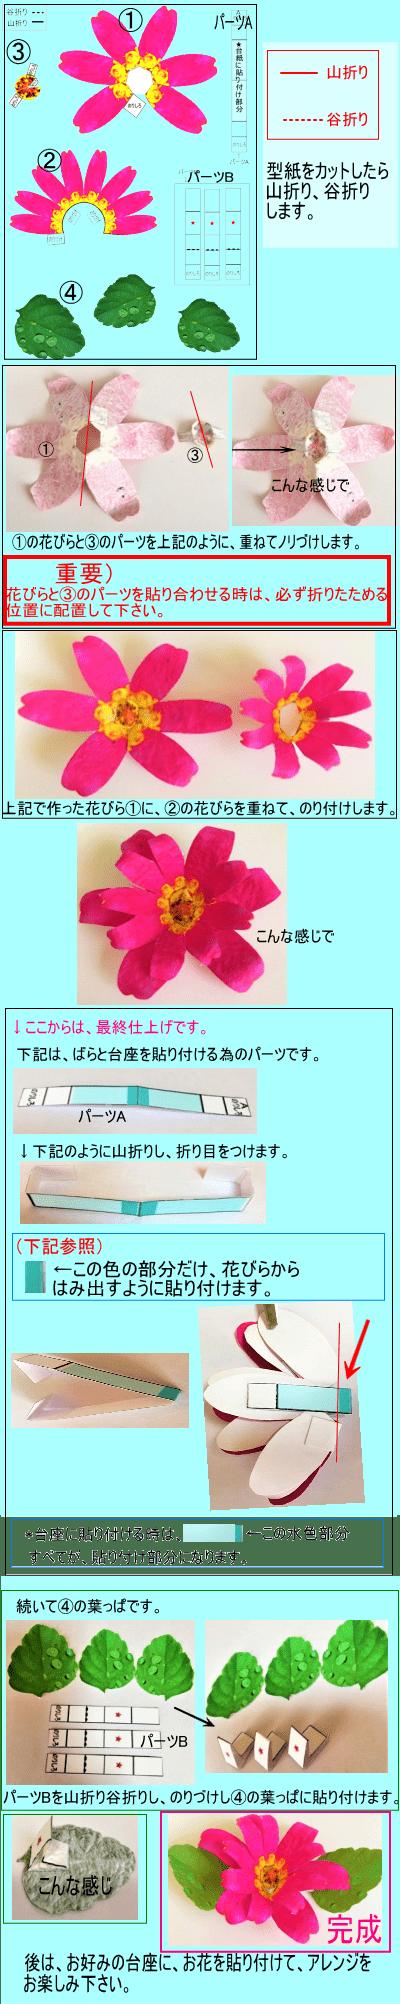 飛び出すカード 花(ダリア)の作り方